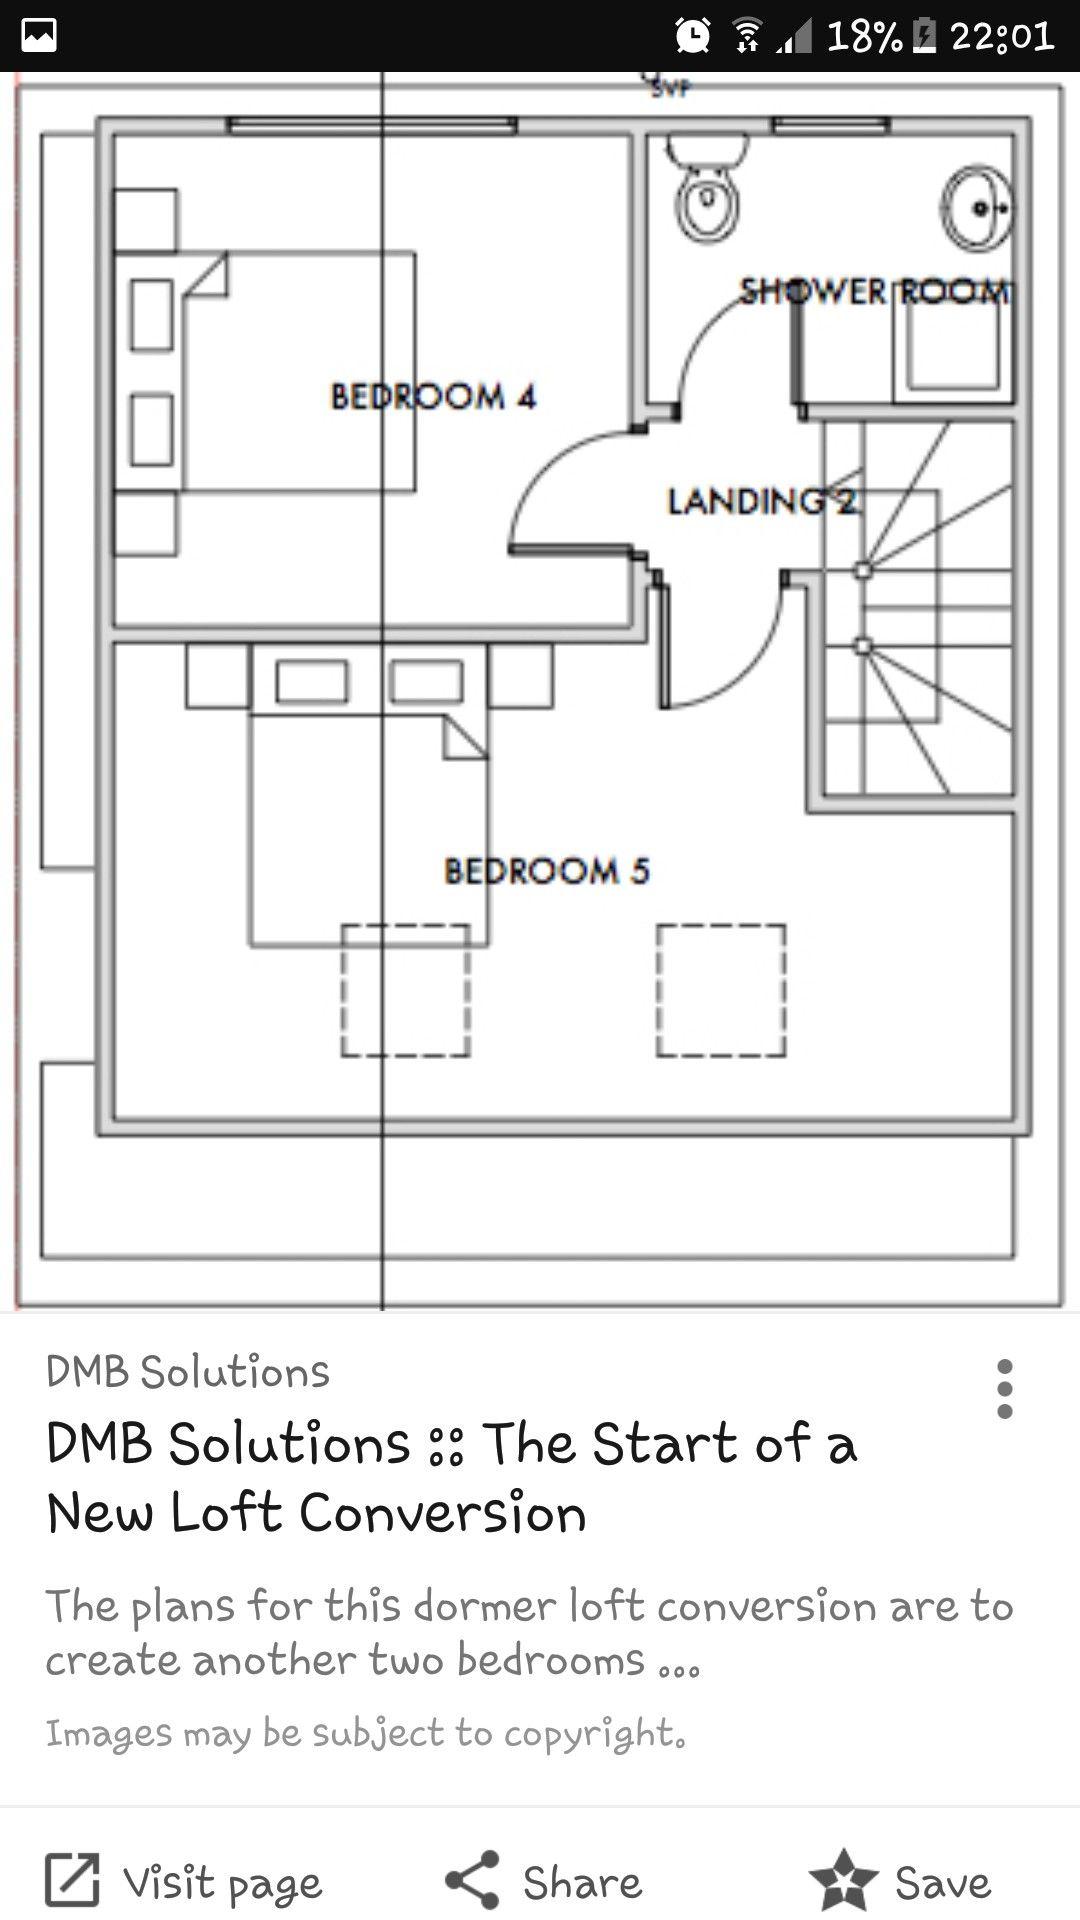 Pin By Nicaludmila On Loft Ideas Dormer Loft Conversion Loft Conversion Loft Conversion Plans